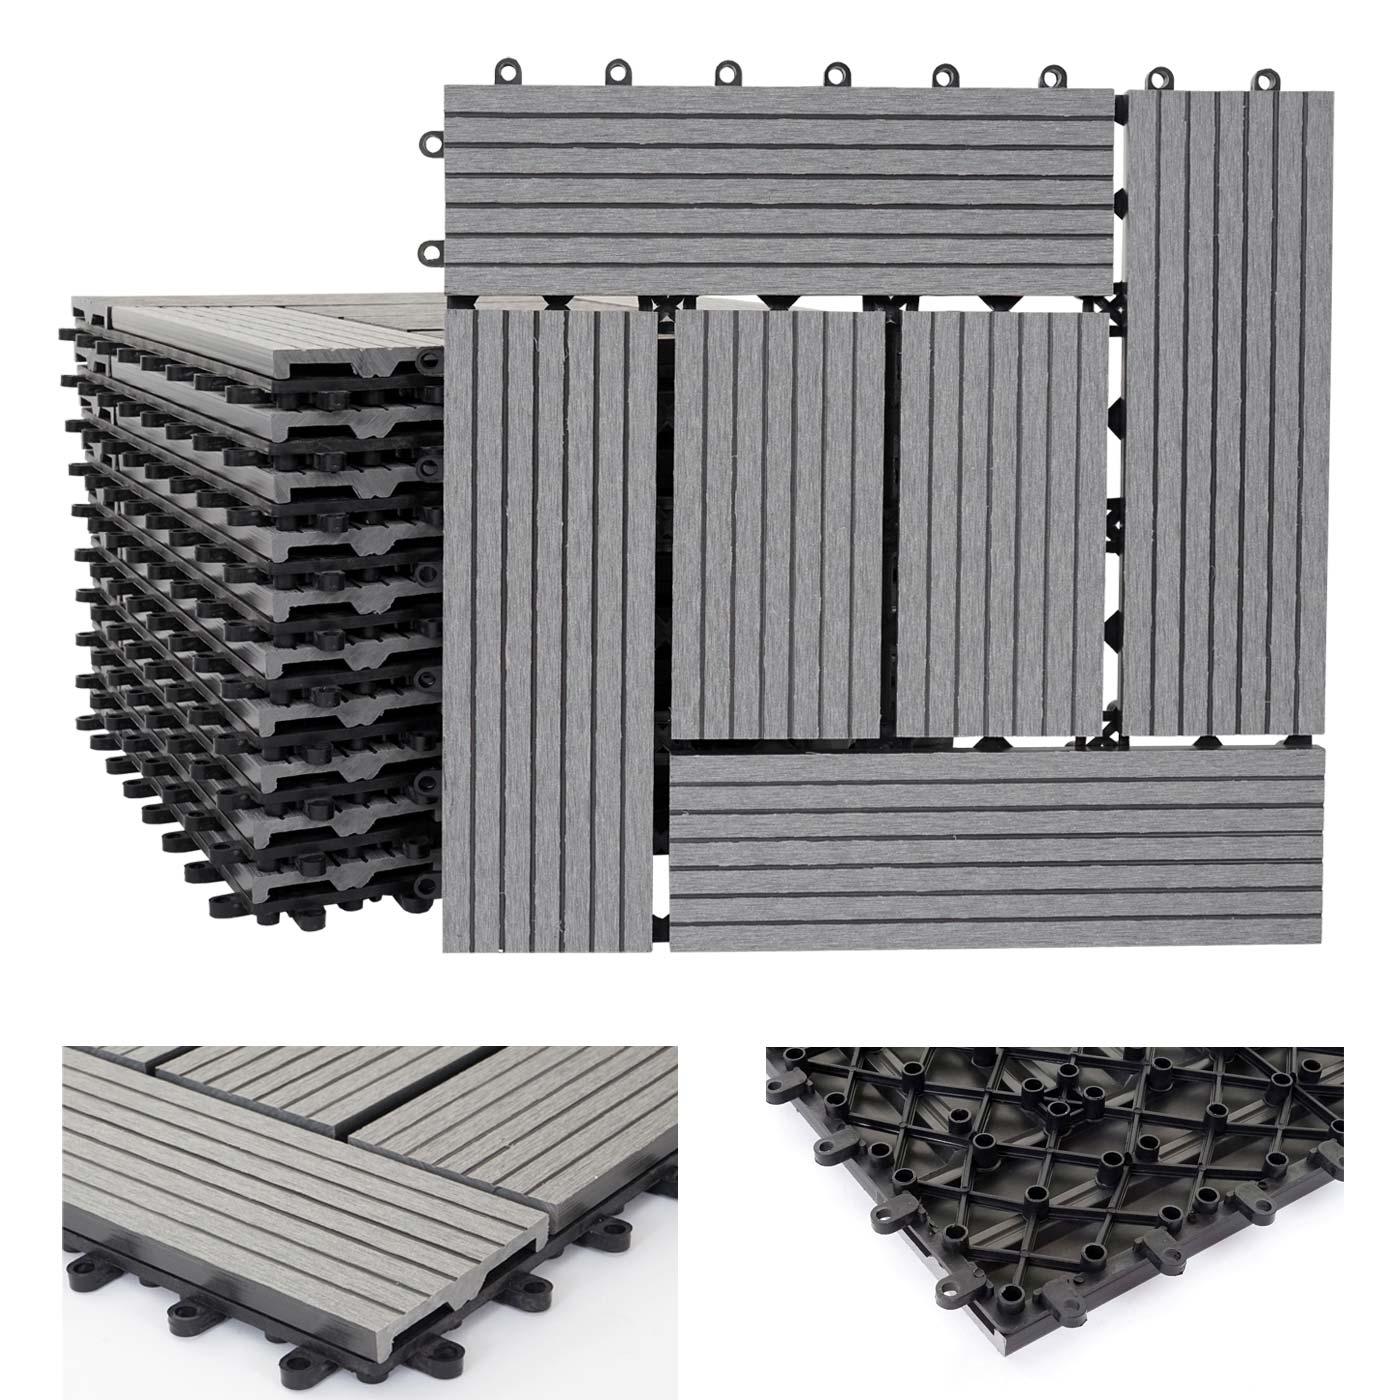 windschutz sichtschutz verkleidung f r balkon terrasse zaun tanne breit 300 x 100 cm. Black Bedroom Furniture Sets. Home Design Ideas